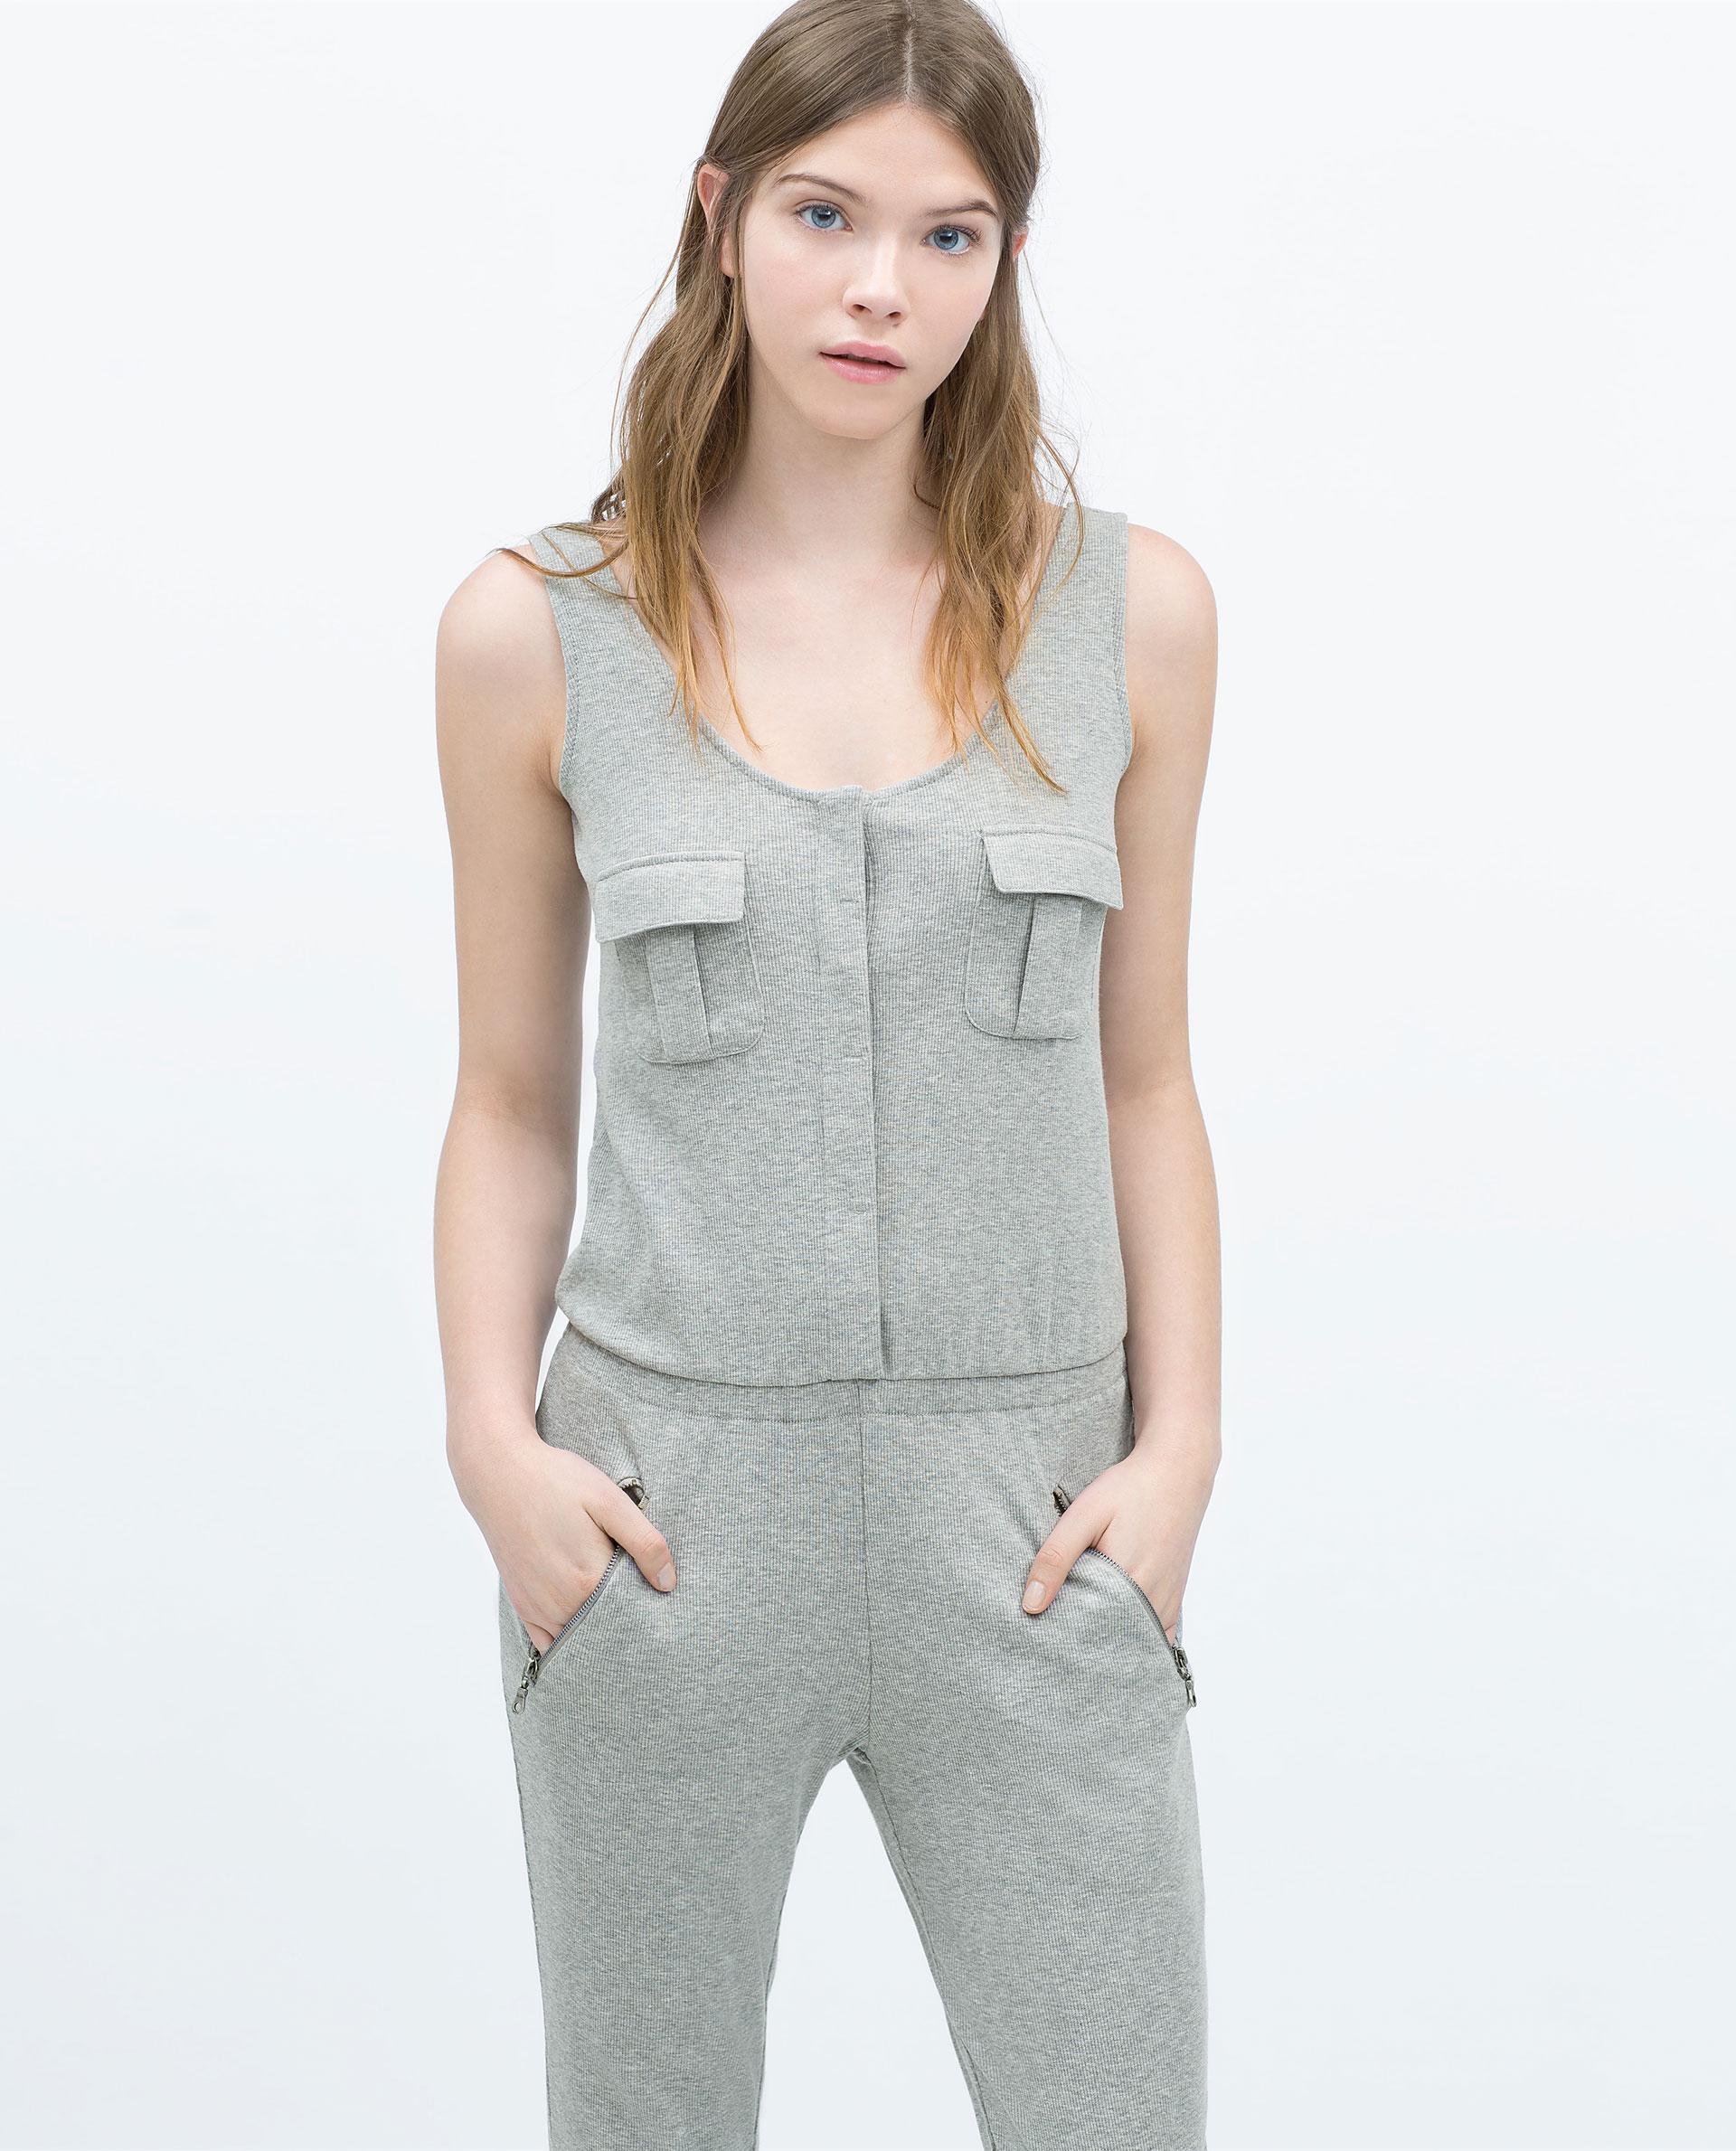 Zara Ribbed Jumpsuit In Gray